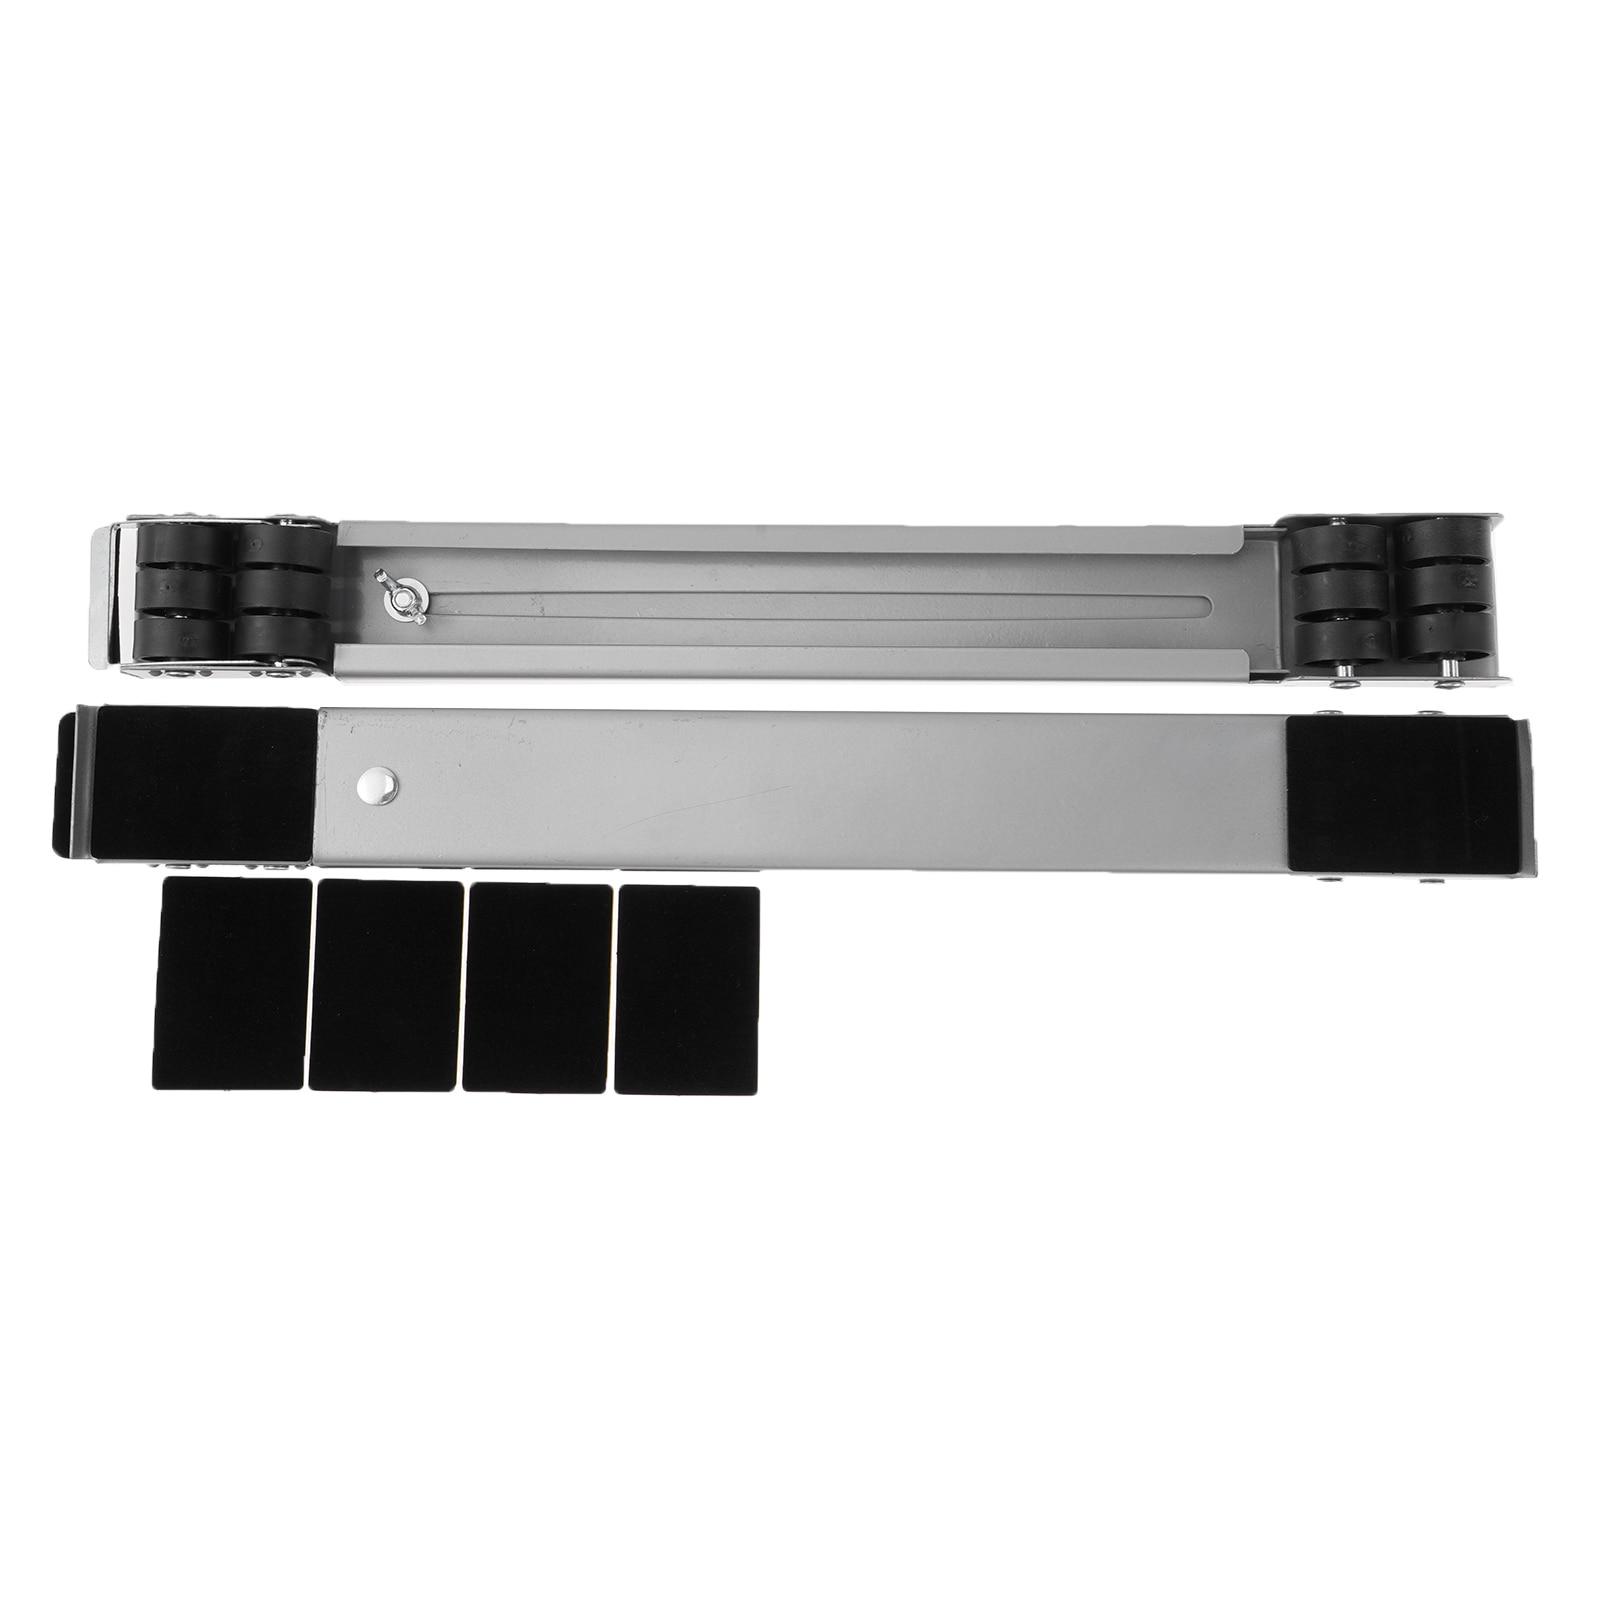 قاعدة معدنية متحركة غسالة الثلاجة قاعدة المحمول دعامة حامل متعددة الوظائف المنقولة قابل للتعديل قاعدة المحمول الأسطوانة